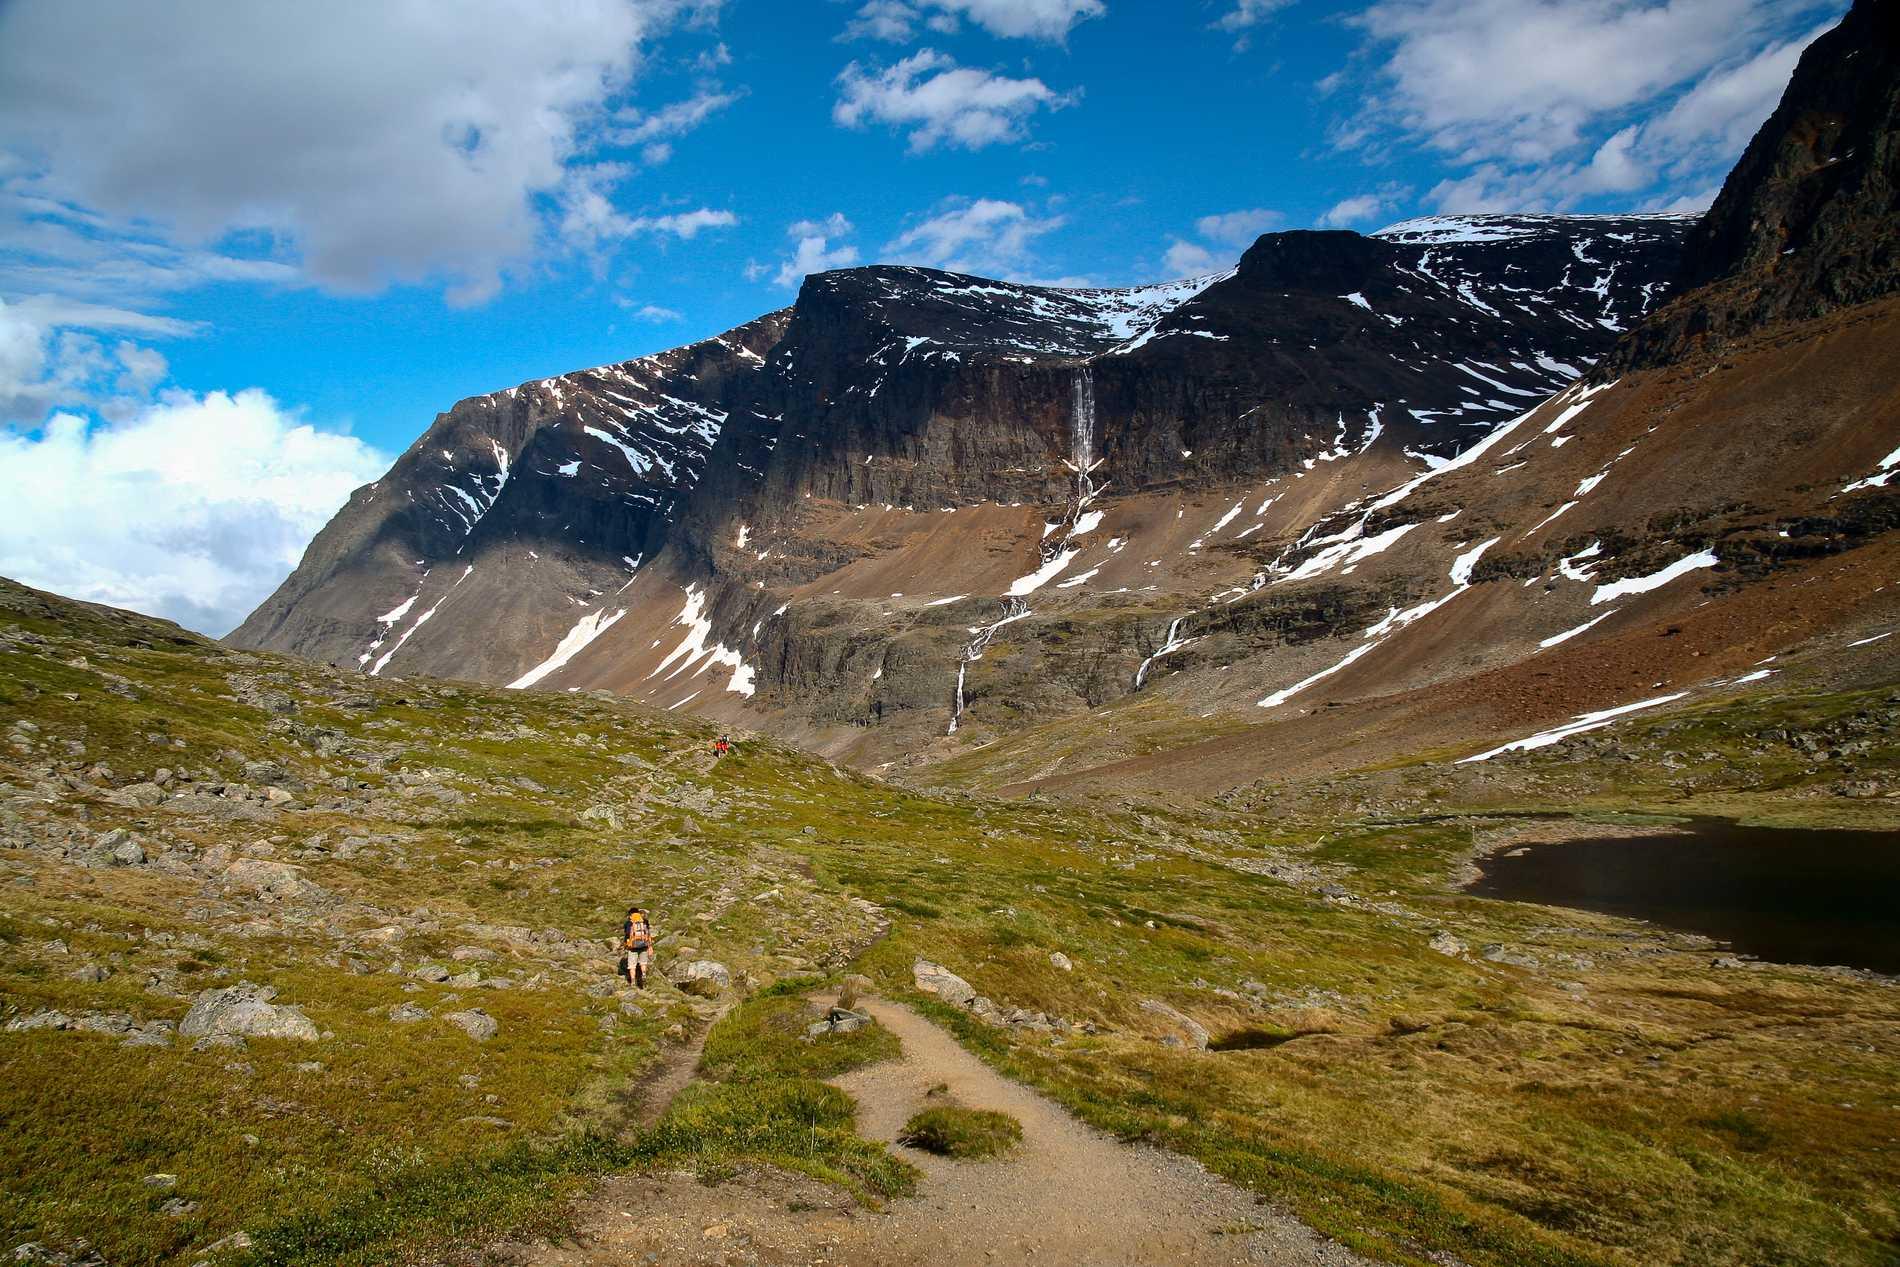 Sveriges högsta berg är Kebnekaise.